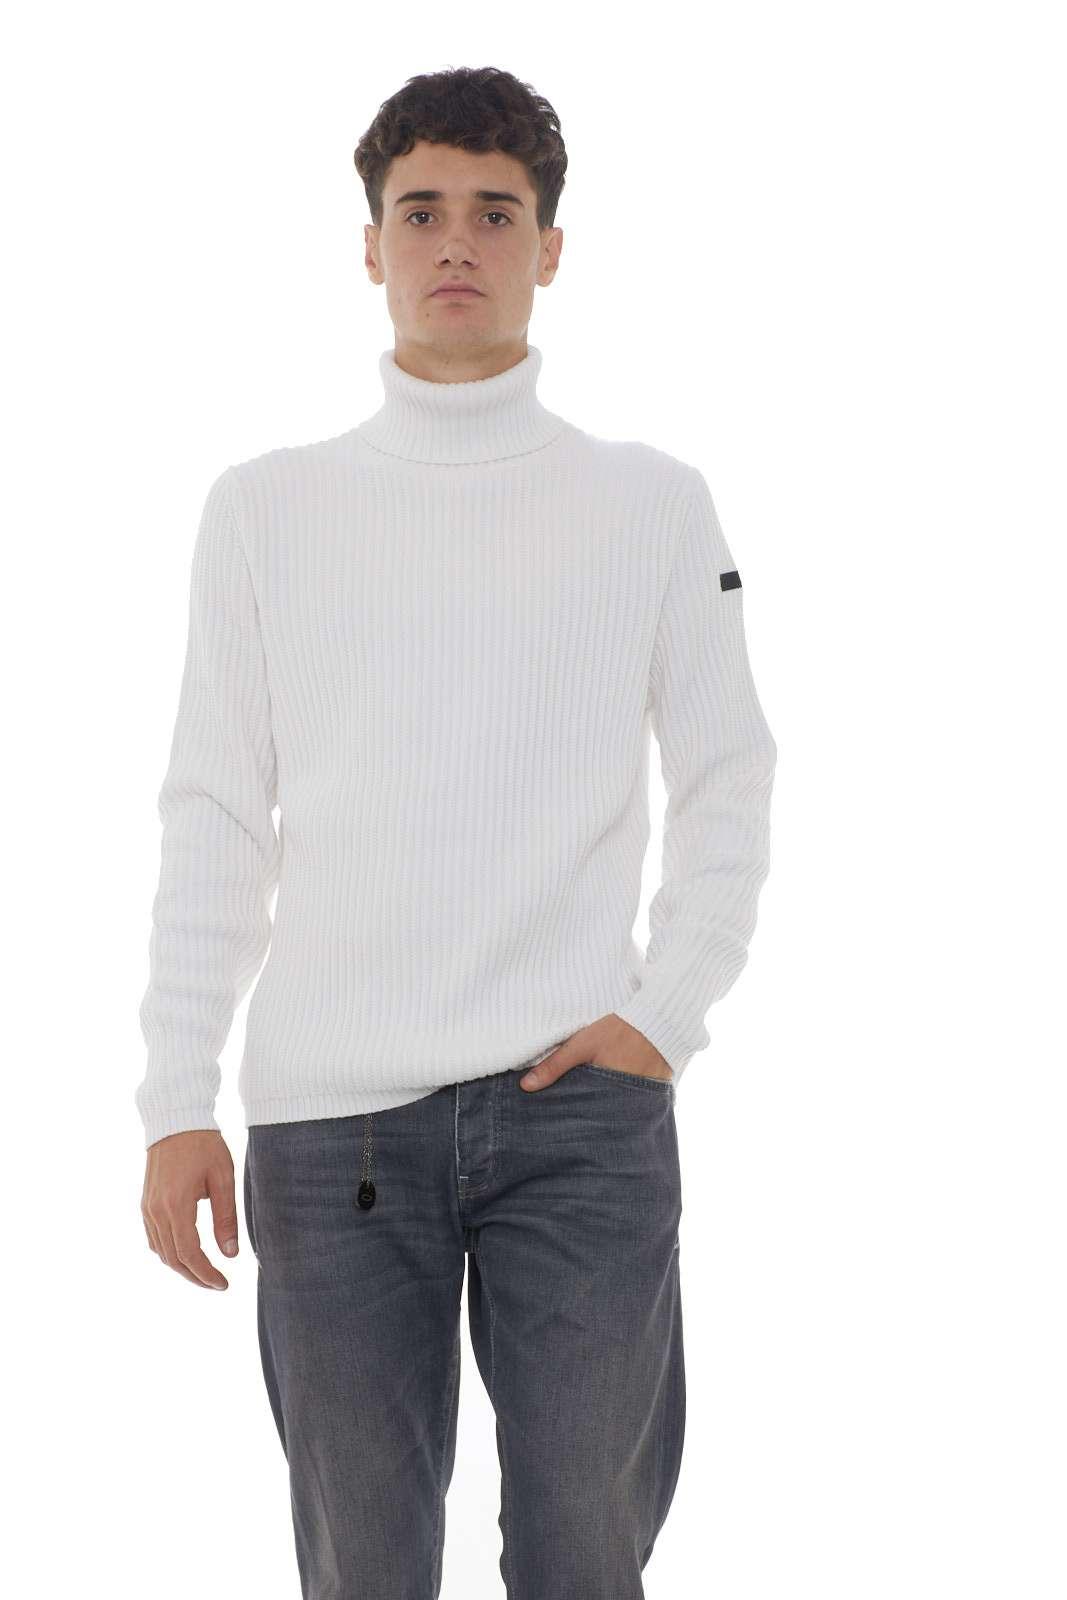 https://www.parmax.com/media/catalog/product/a/i/AI-outlet_parmax-maglia-uomo-RRD-W19112-A.jpg